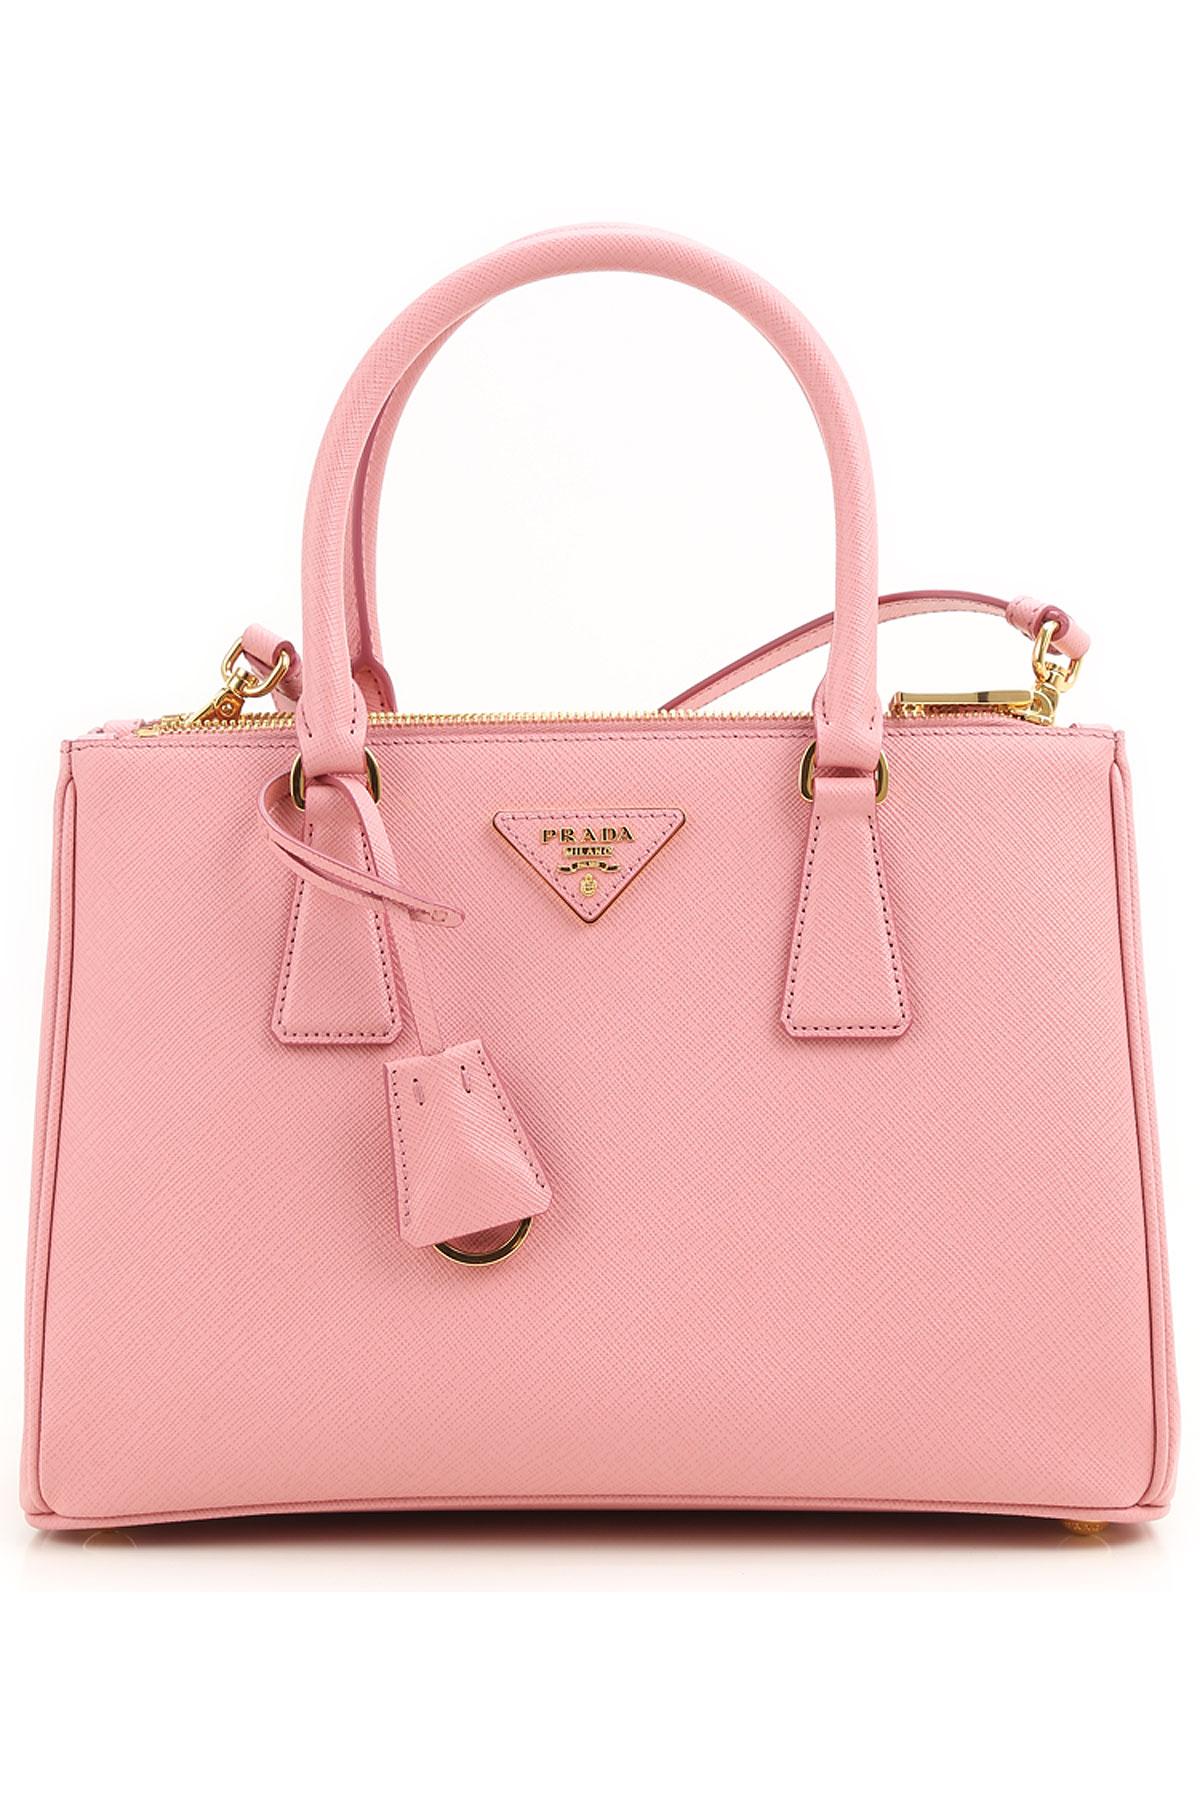 Prada Top Handle Handbag On Sale, Petal, Saffiano, 2017